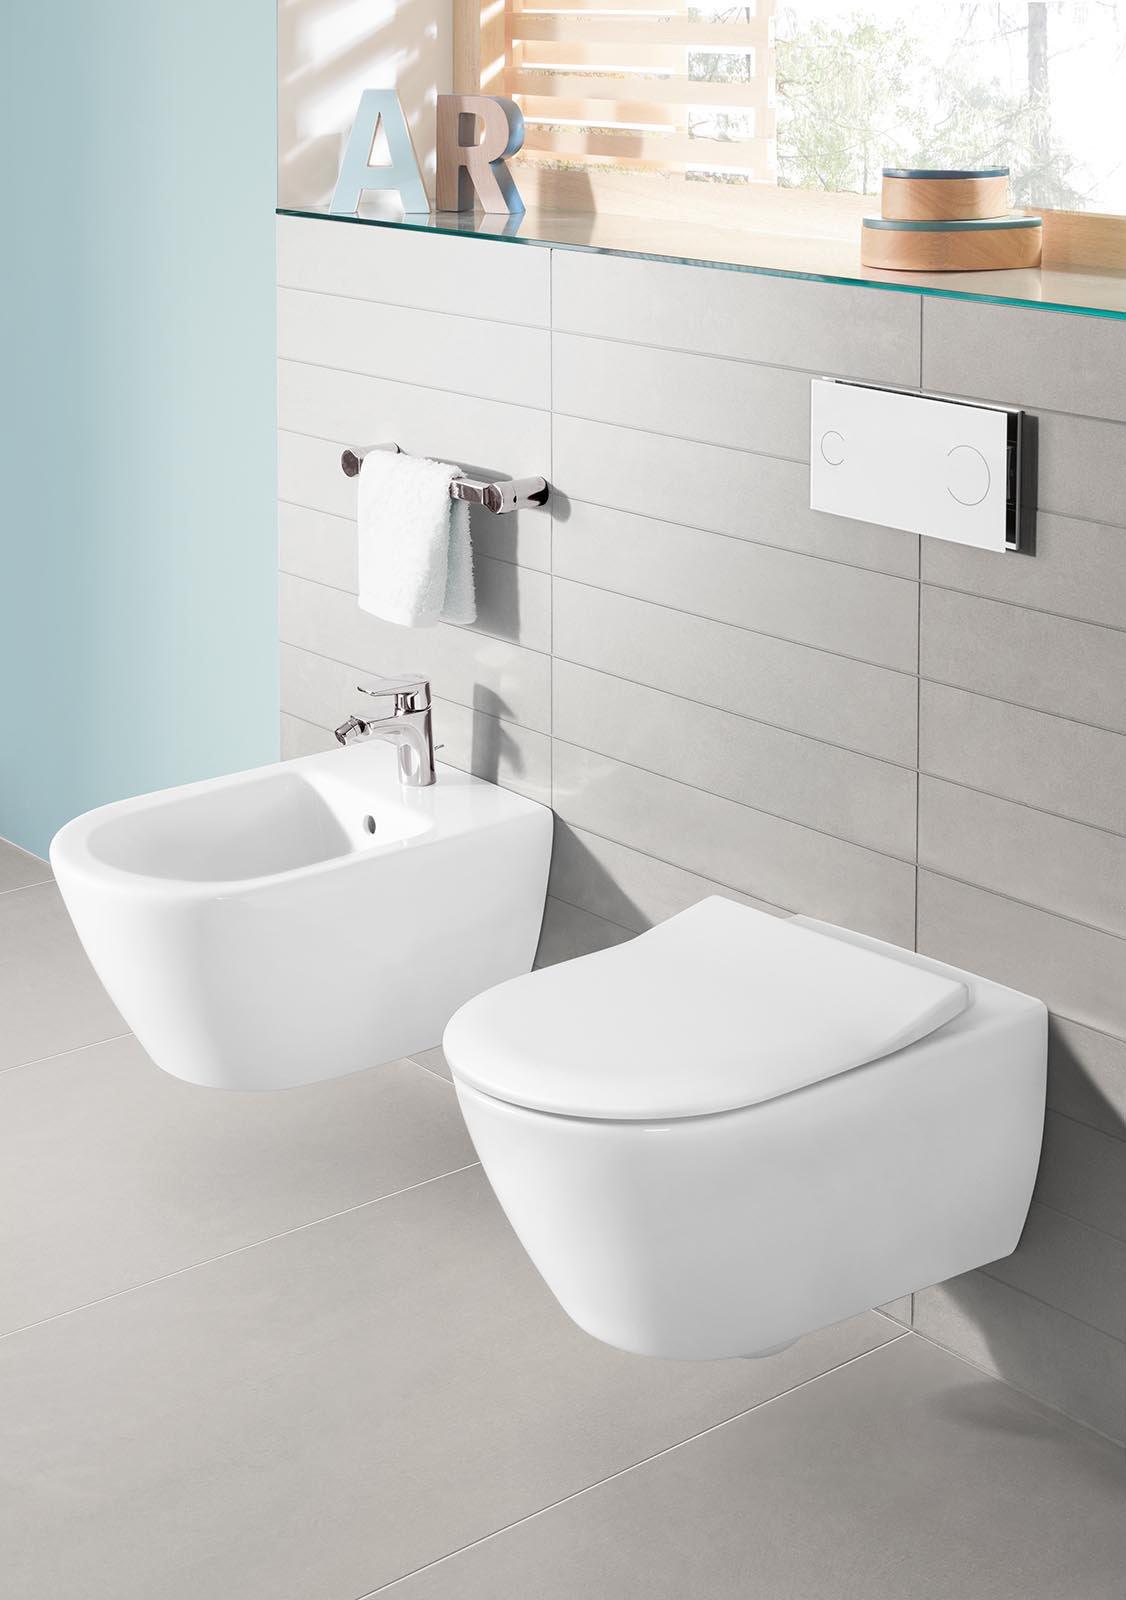 Sanitari sospesi per un bagno contemporaneo cose di casa - Bagno italia it ...